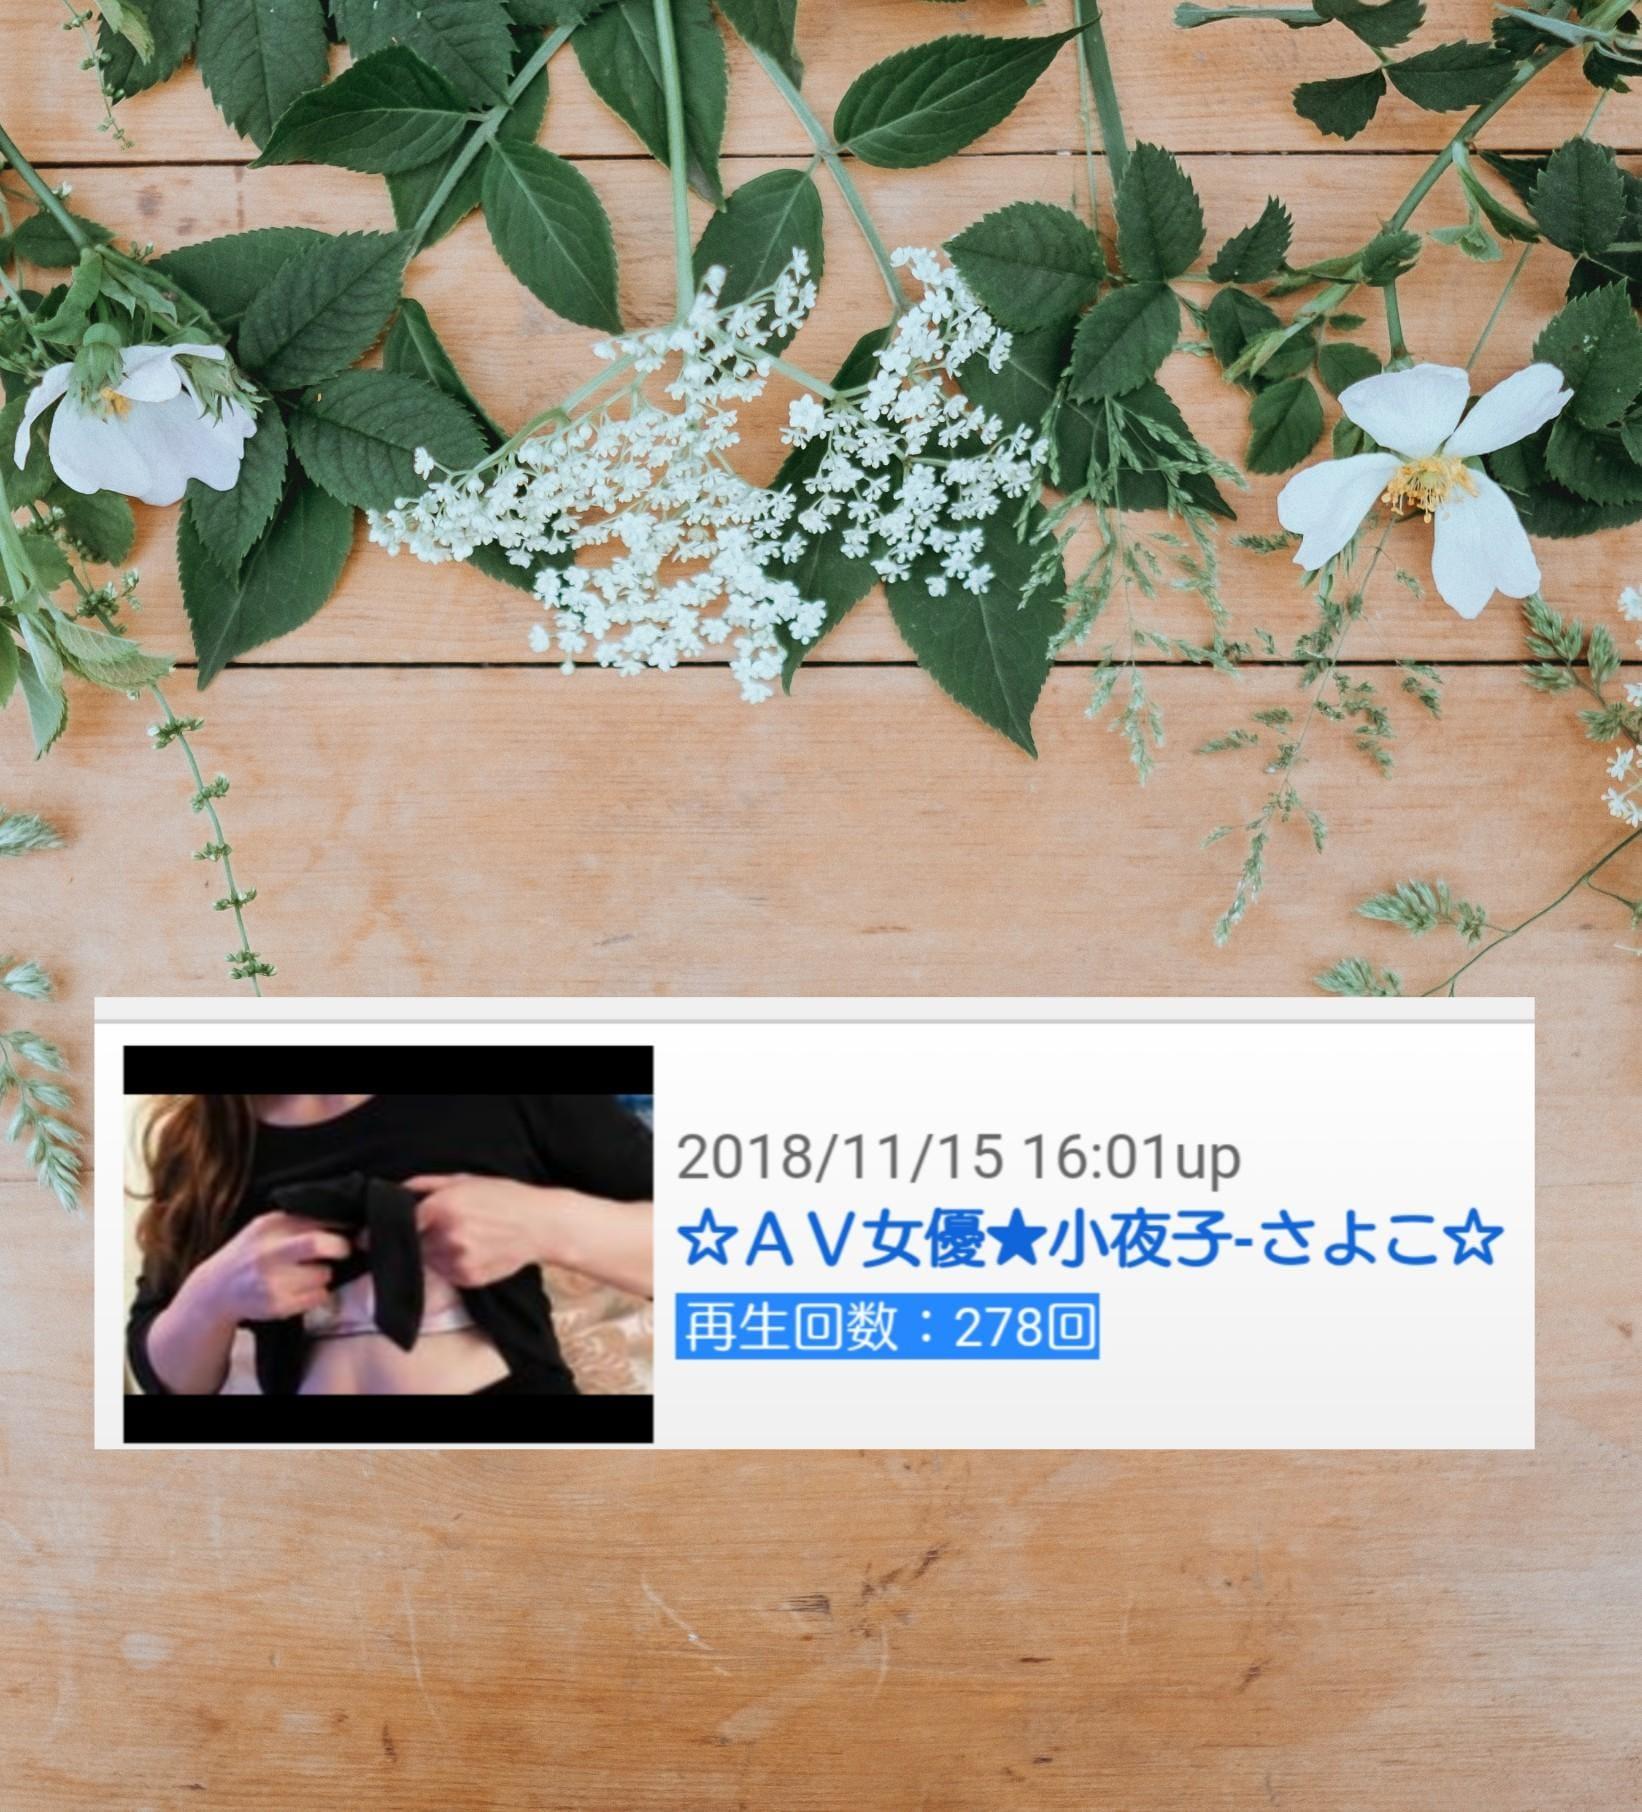 「こんばんわ^^*」11/15(木) 22:09 | 小夜子-さよこの写メ・風俗動画